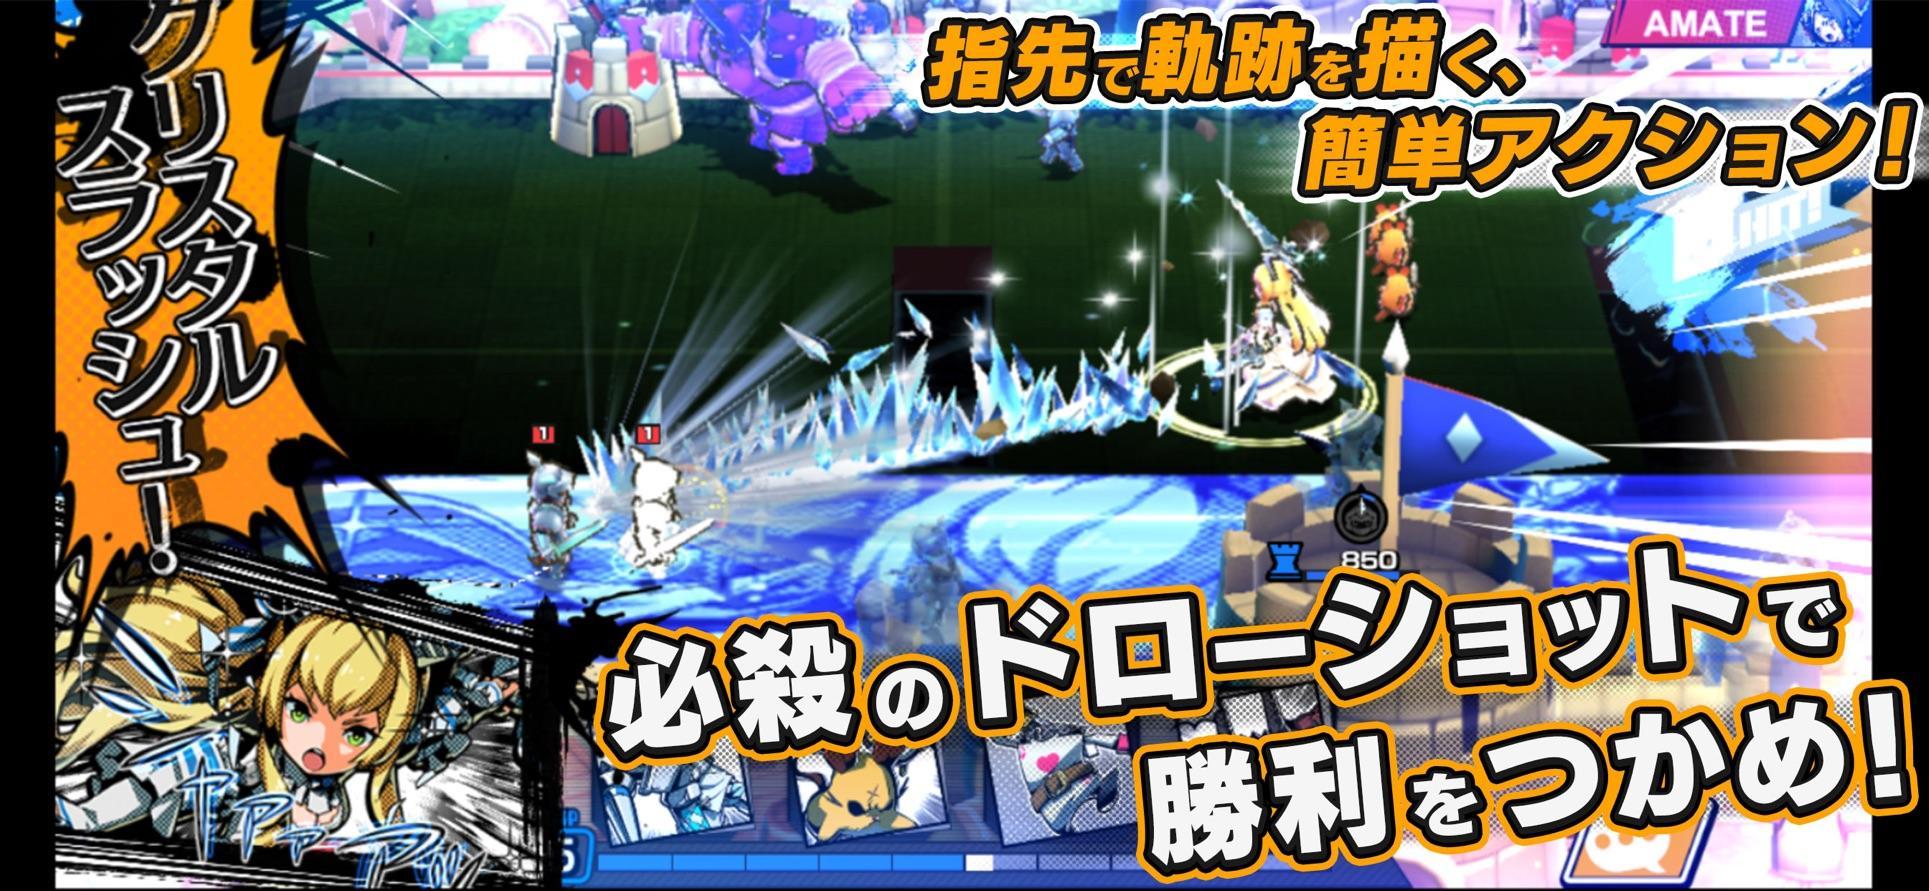 SEGA旗下童话主题对战游戏《乐园联盟》今日推出